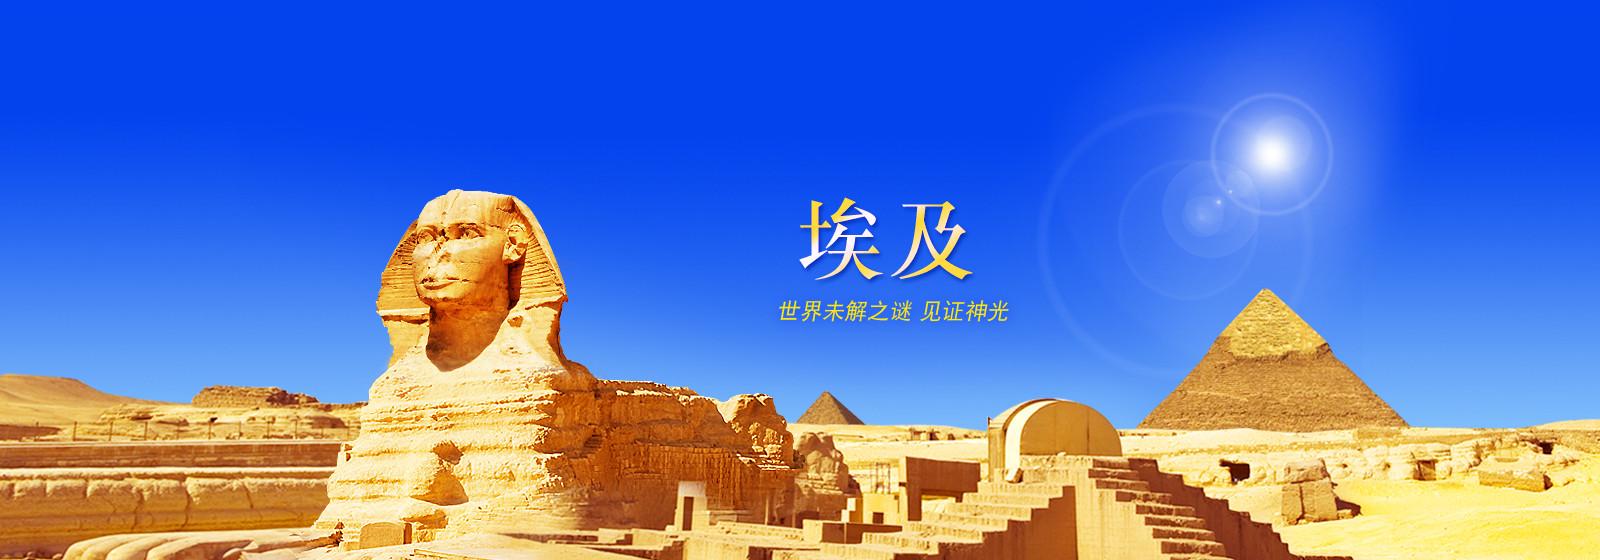 埃及寻找法老王—见证神光奇迹